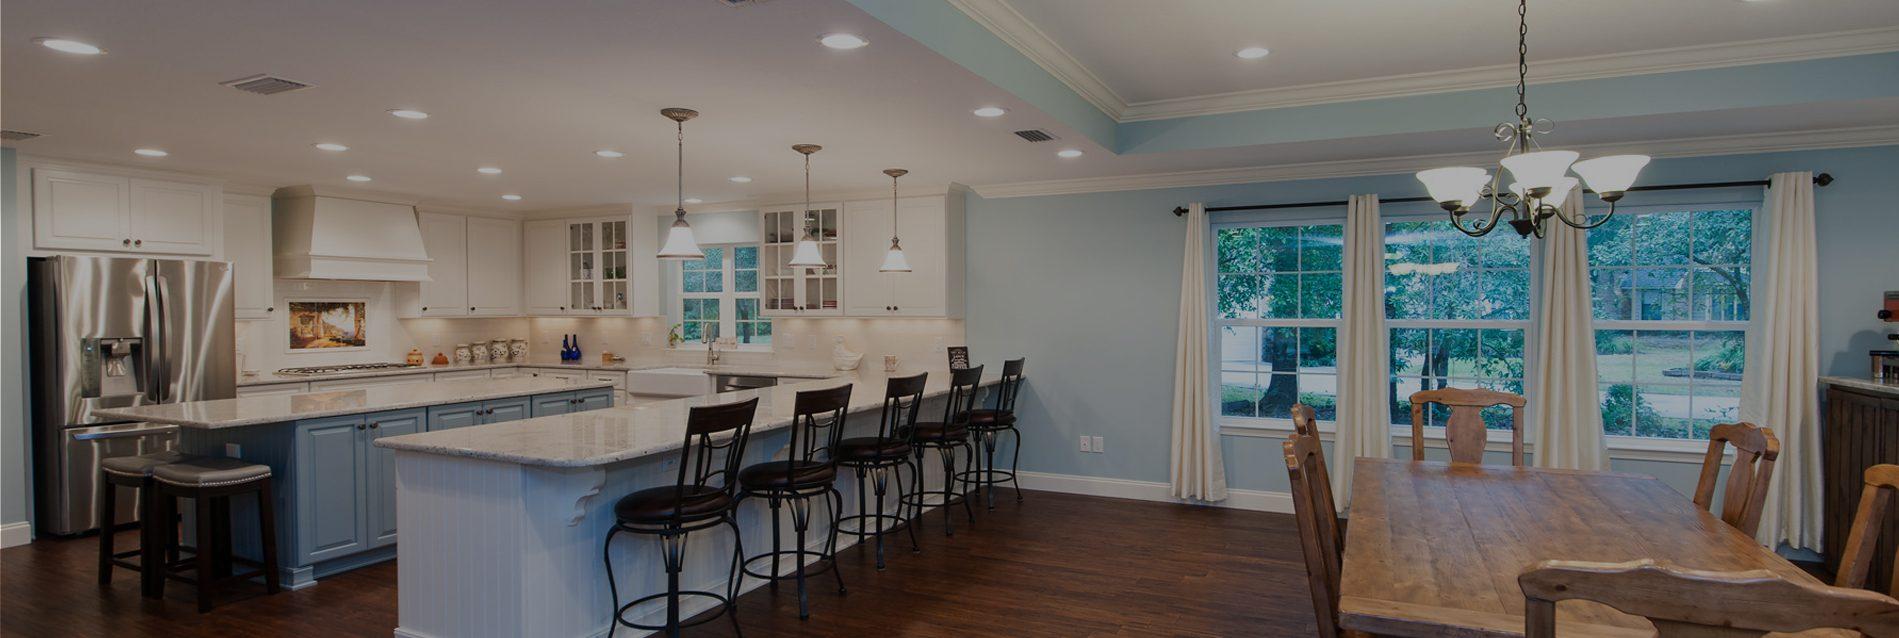 Wide shot of custom home interior living area